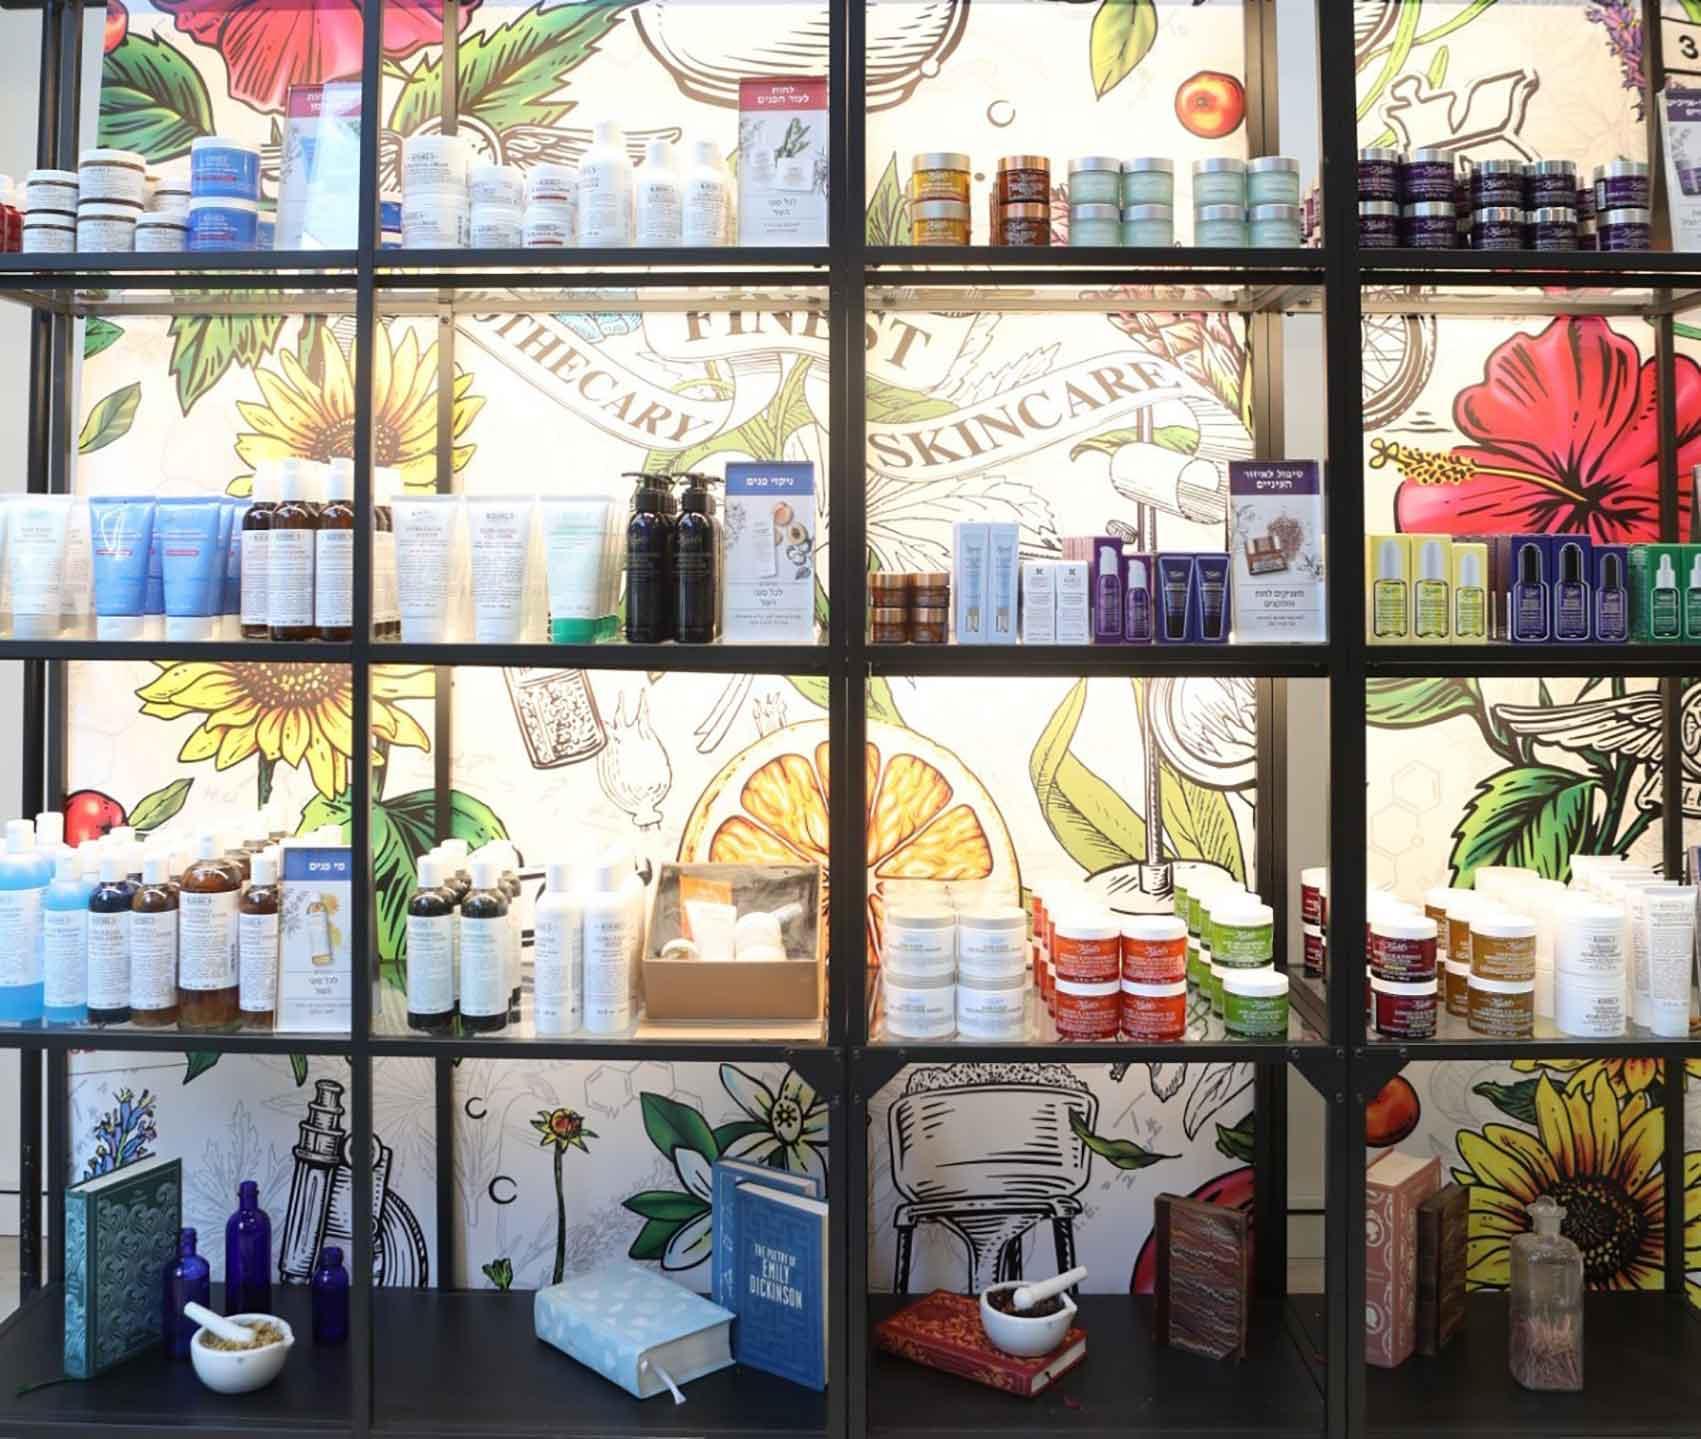 חנות-פופ-אפ-של-קילס-בדיזנגוף-תל-אביב-מגזין-אופנה-אונליין